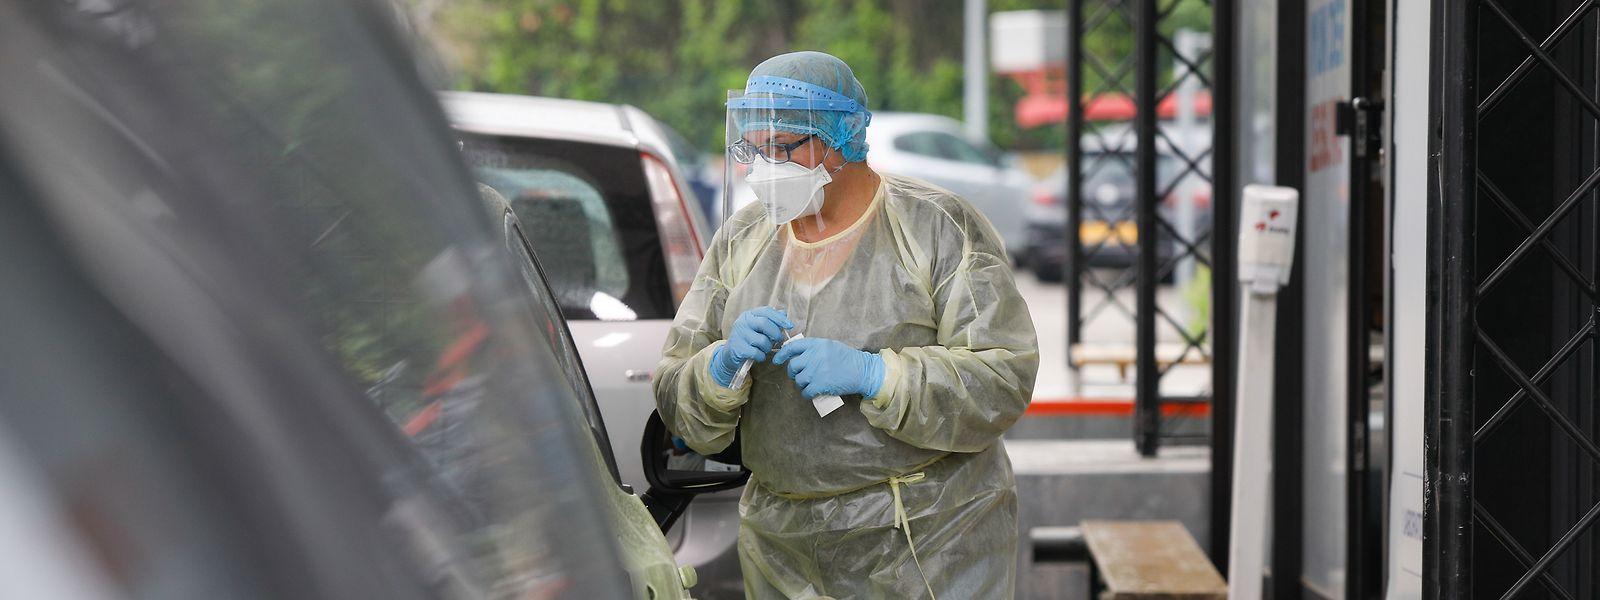 Die PCR-Tests sollen verstärkt mit einer Speichelprobe durchgeführt werden. Die Stäbchenprobe über Hals oder Nase soll weniger angewandt werden.